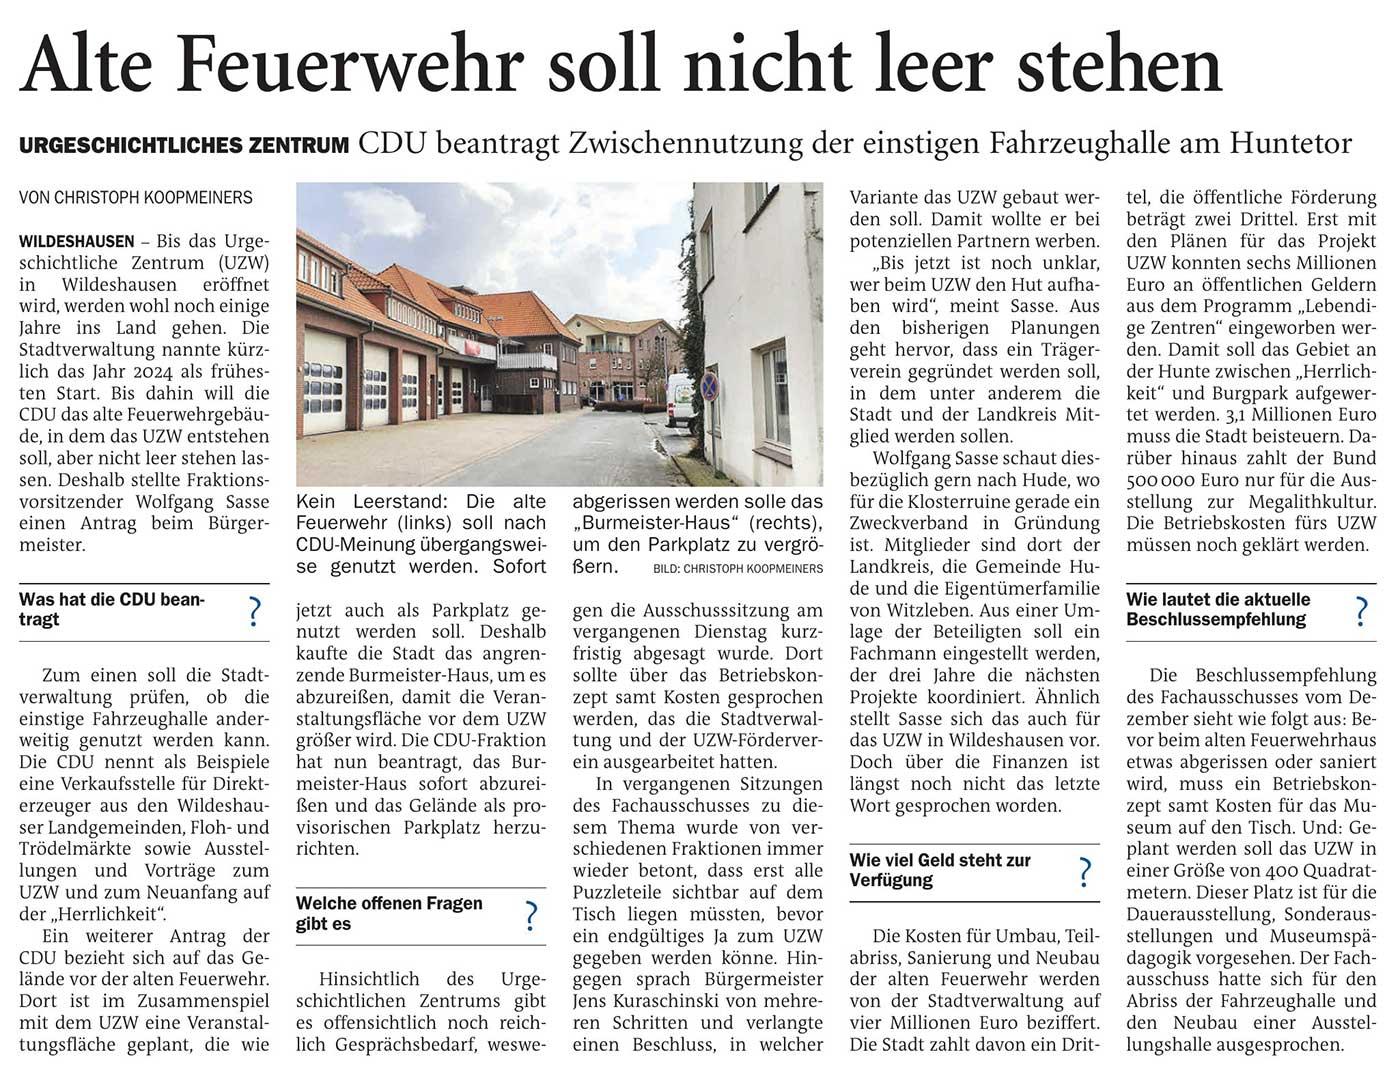 Alte Feuerwehr soll nicht leer stehenUrgeschichtliches Zentrum: CDU beantragt Zwischennutzung der einstigen Feuerwehrhalle am HuntetorArtikel vom 12.03.2021 (NWZ)